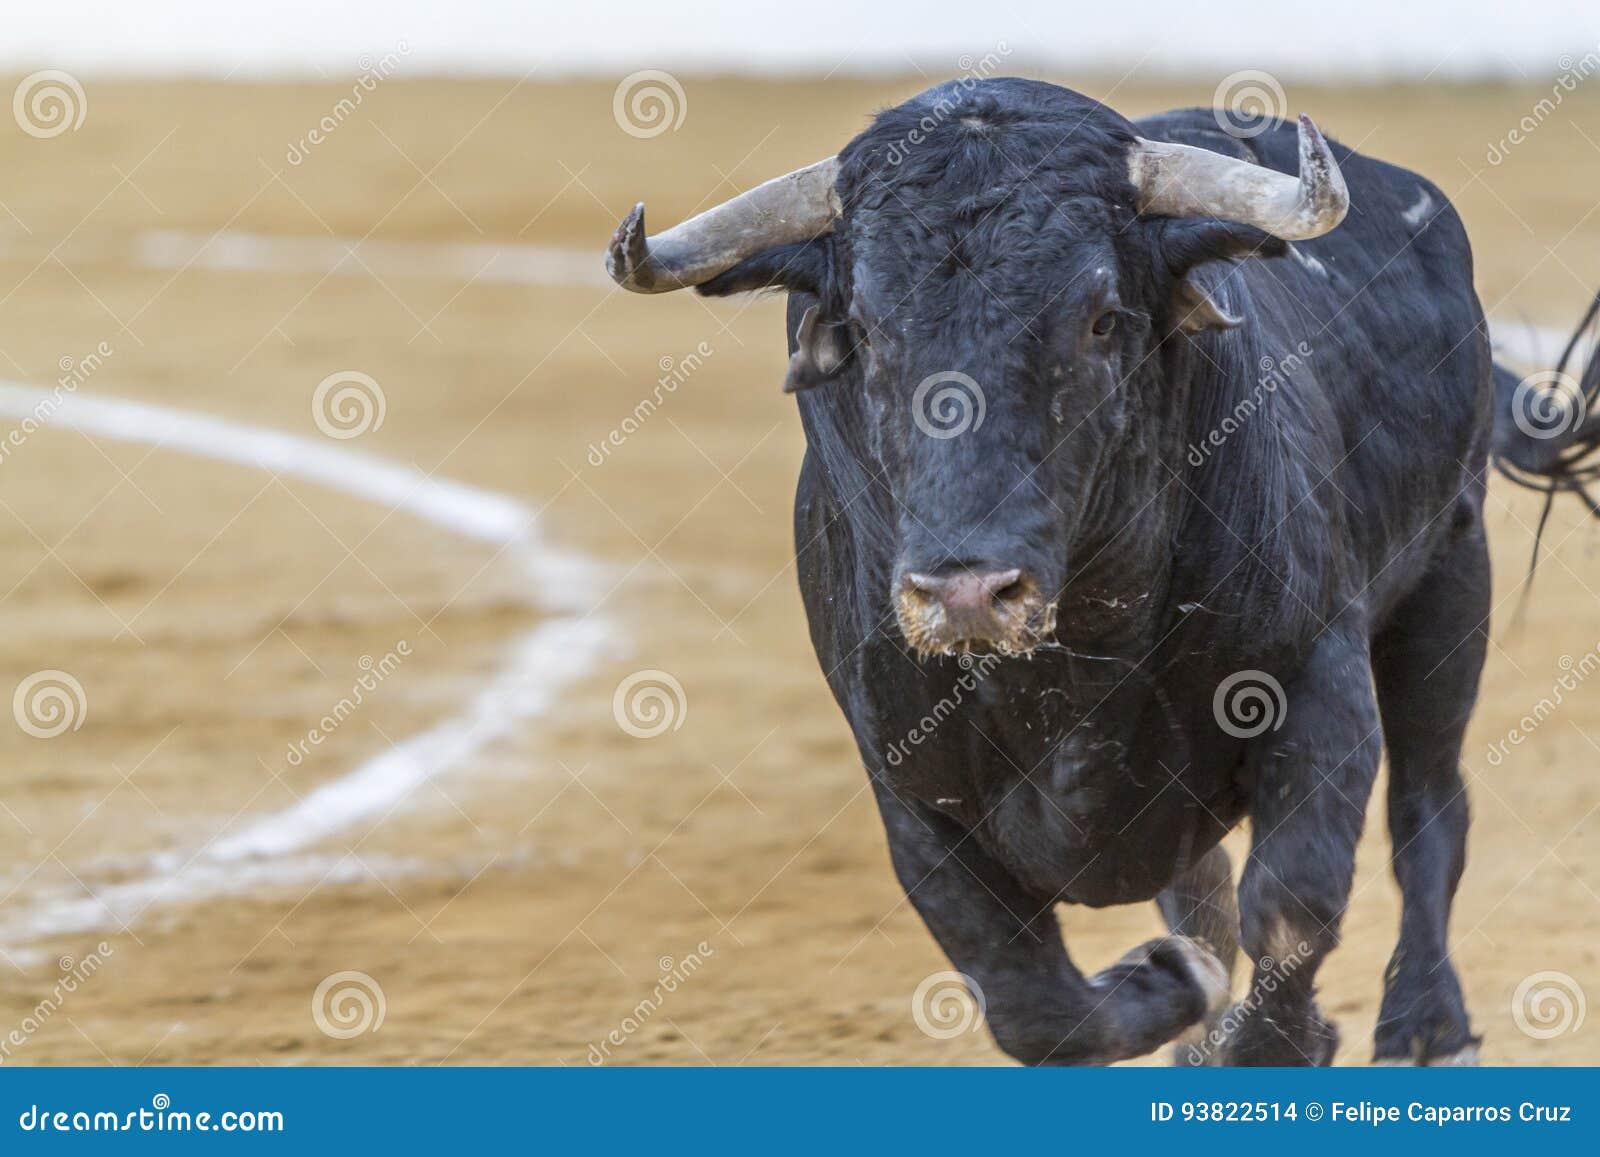 Захват диаграммы храброго быка в бое быков